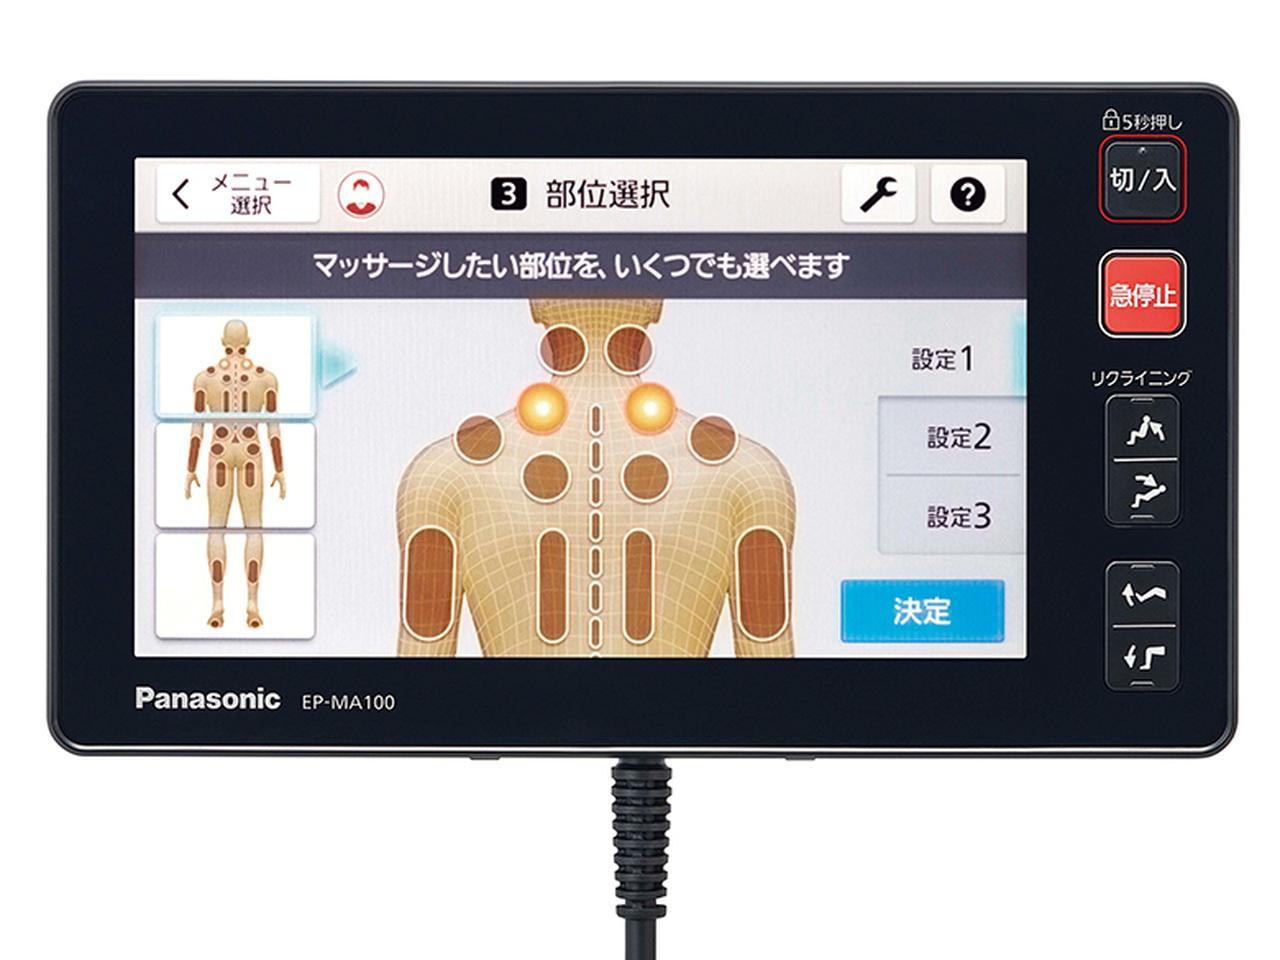 画像1: 大画面タッチパネルで直感的に操作できるマッサージチェア